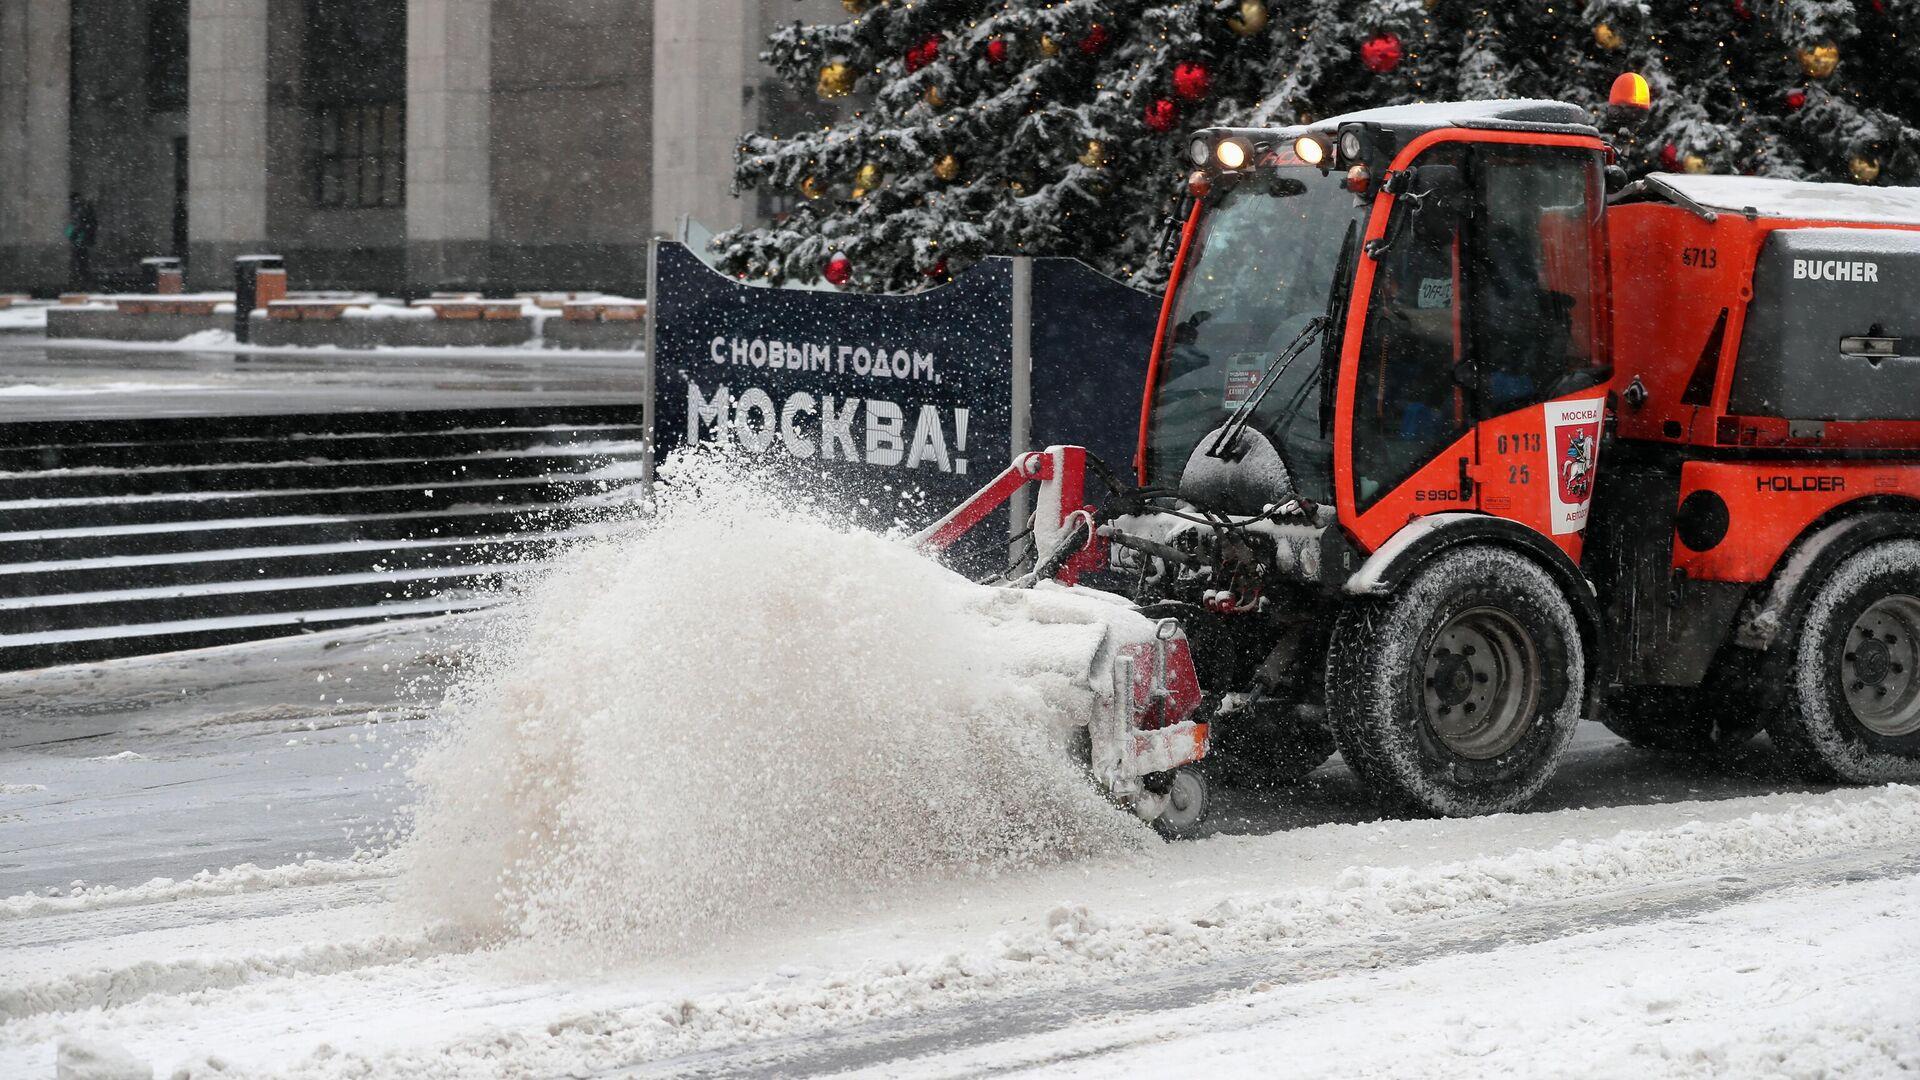 Снегоуборочная техника на одной из улиц в Москве - РИА Новости, 1920, 03.01.2021